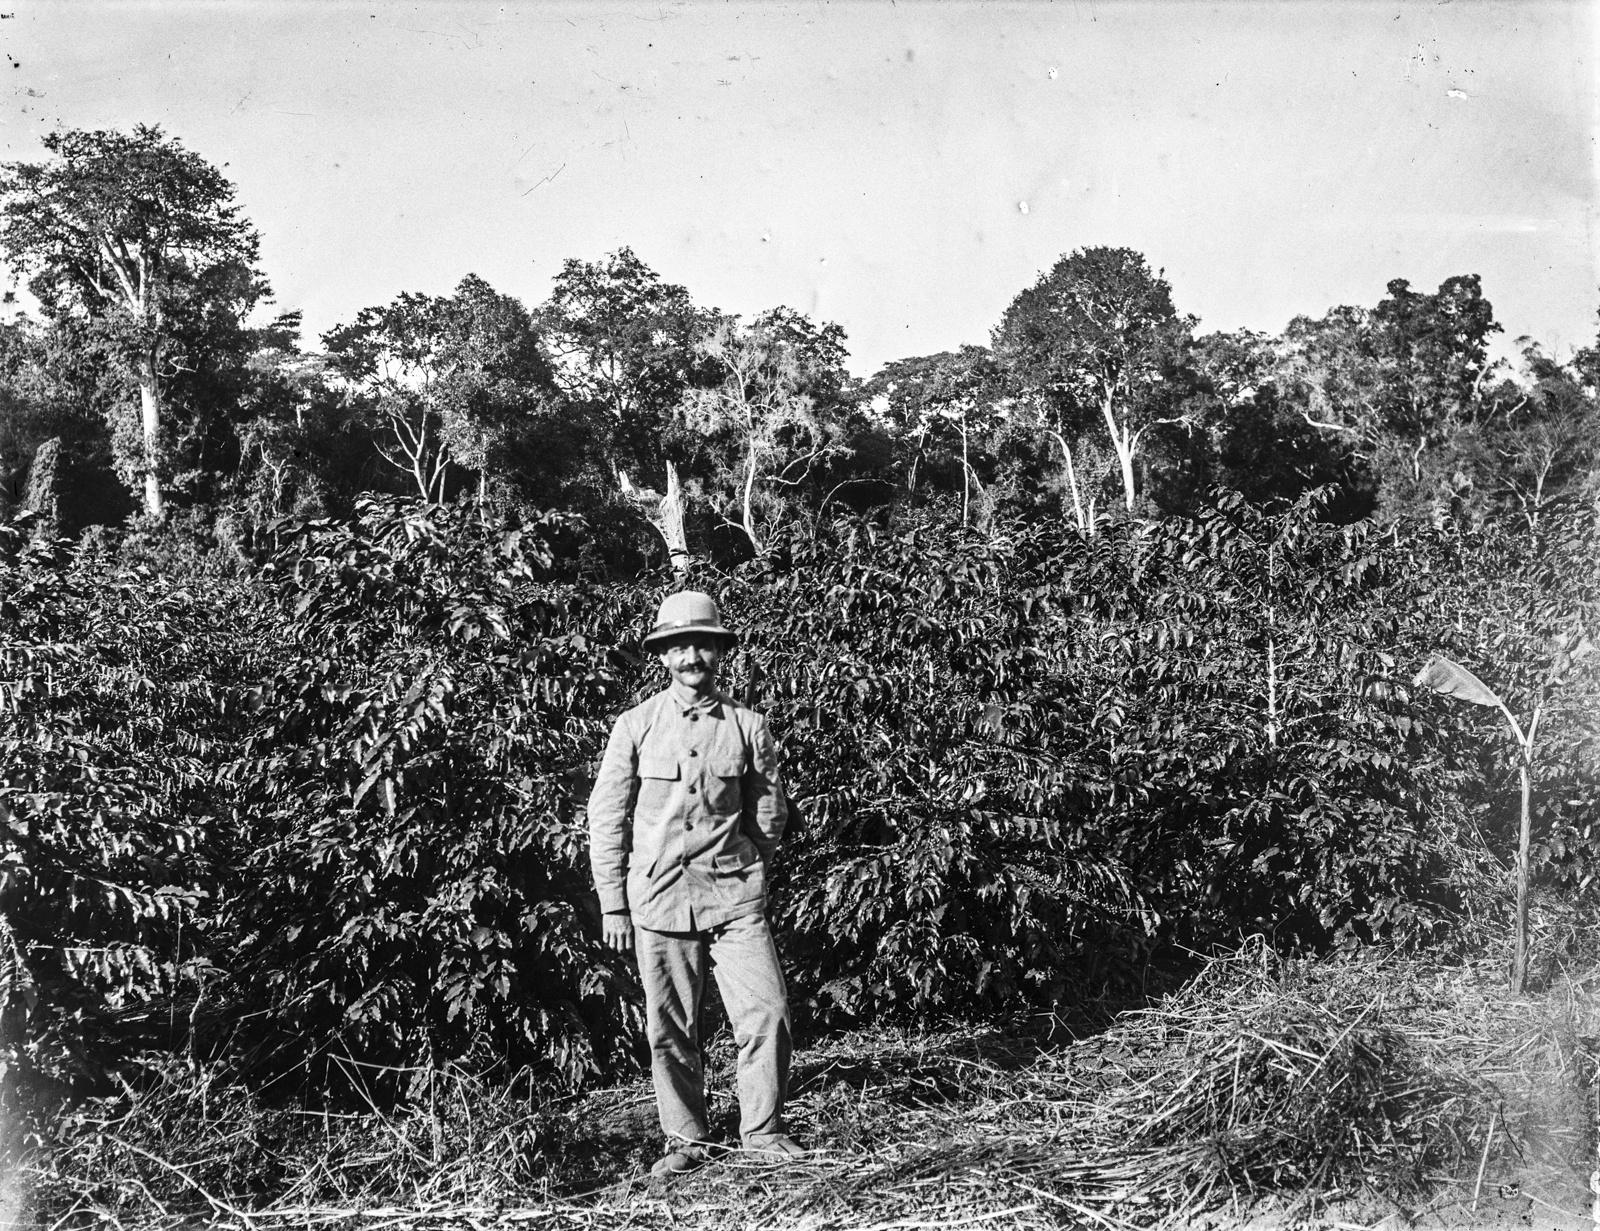 225. Человек в тропическом костюме возле плантации кофе